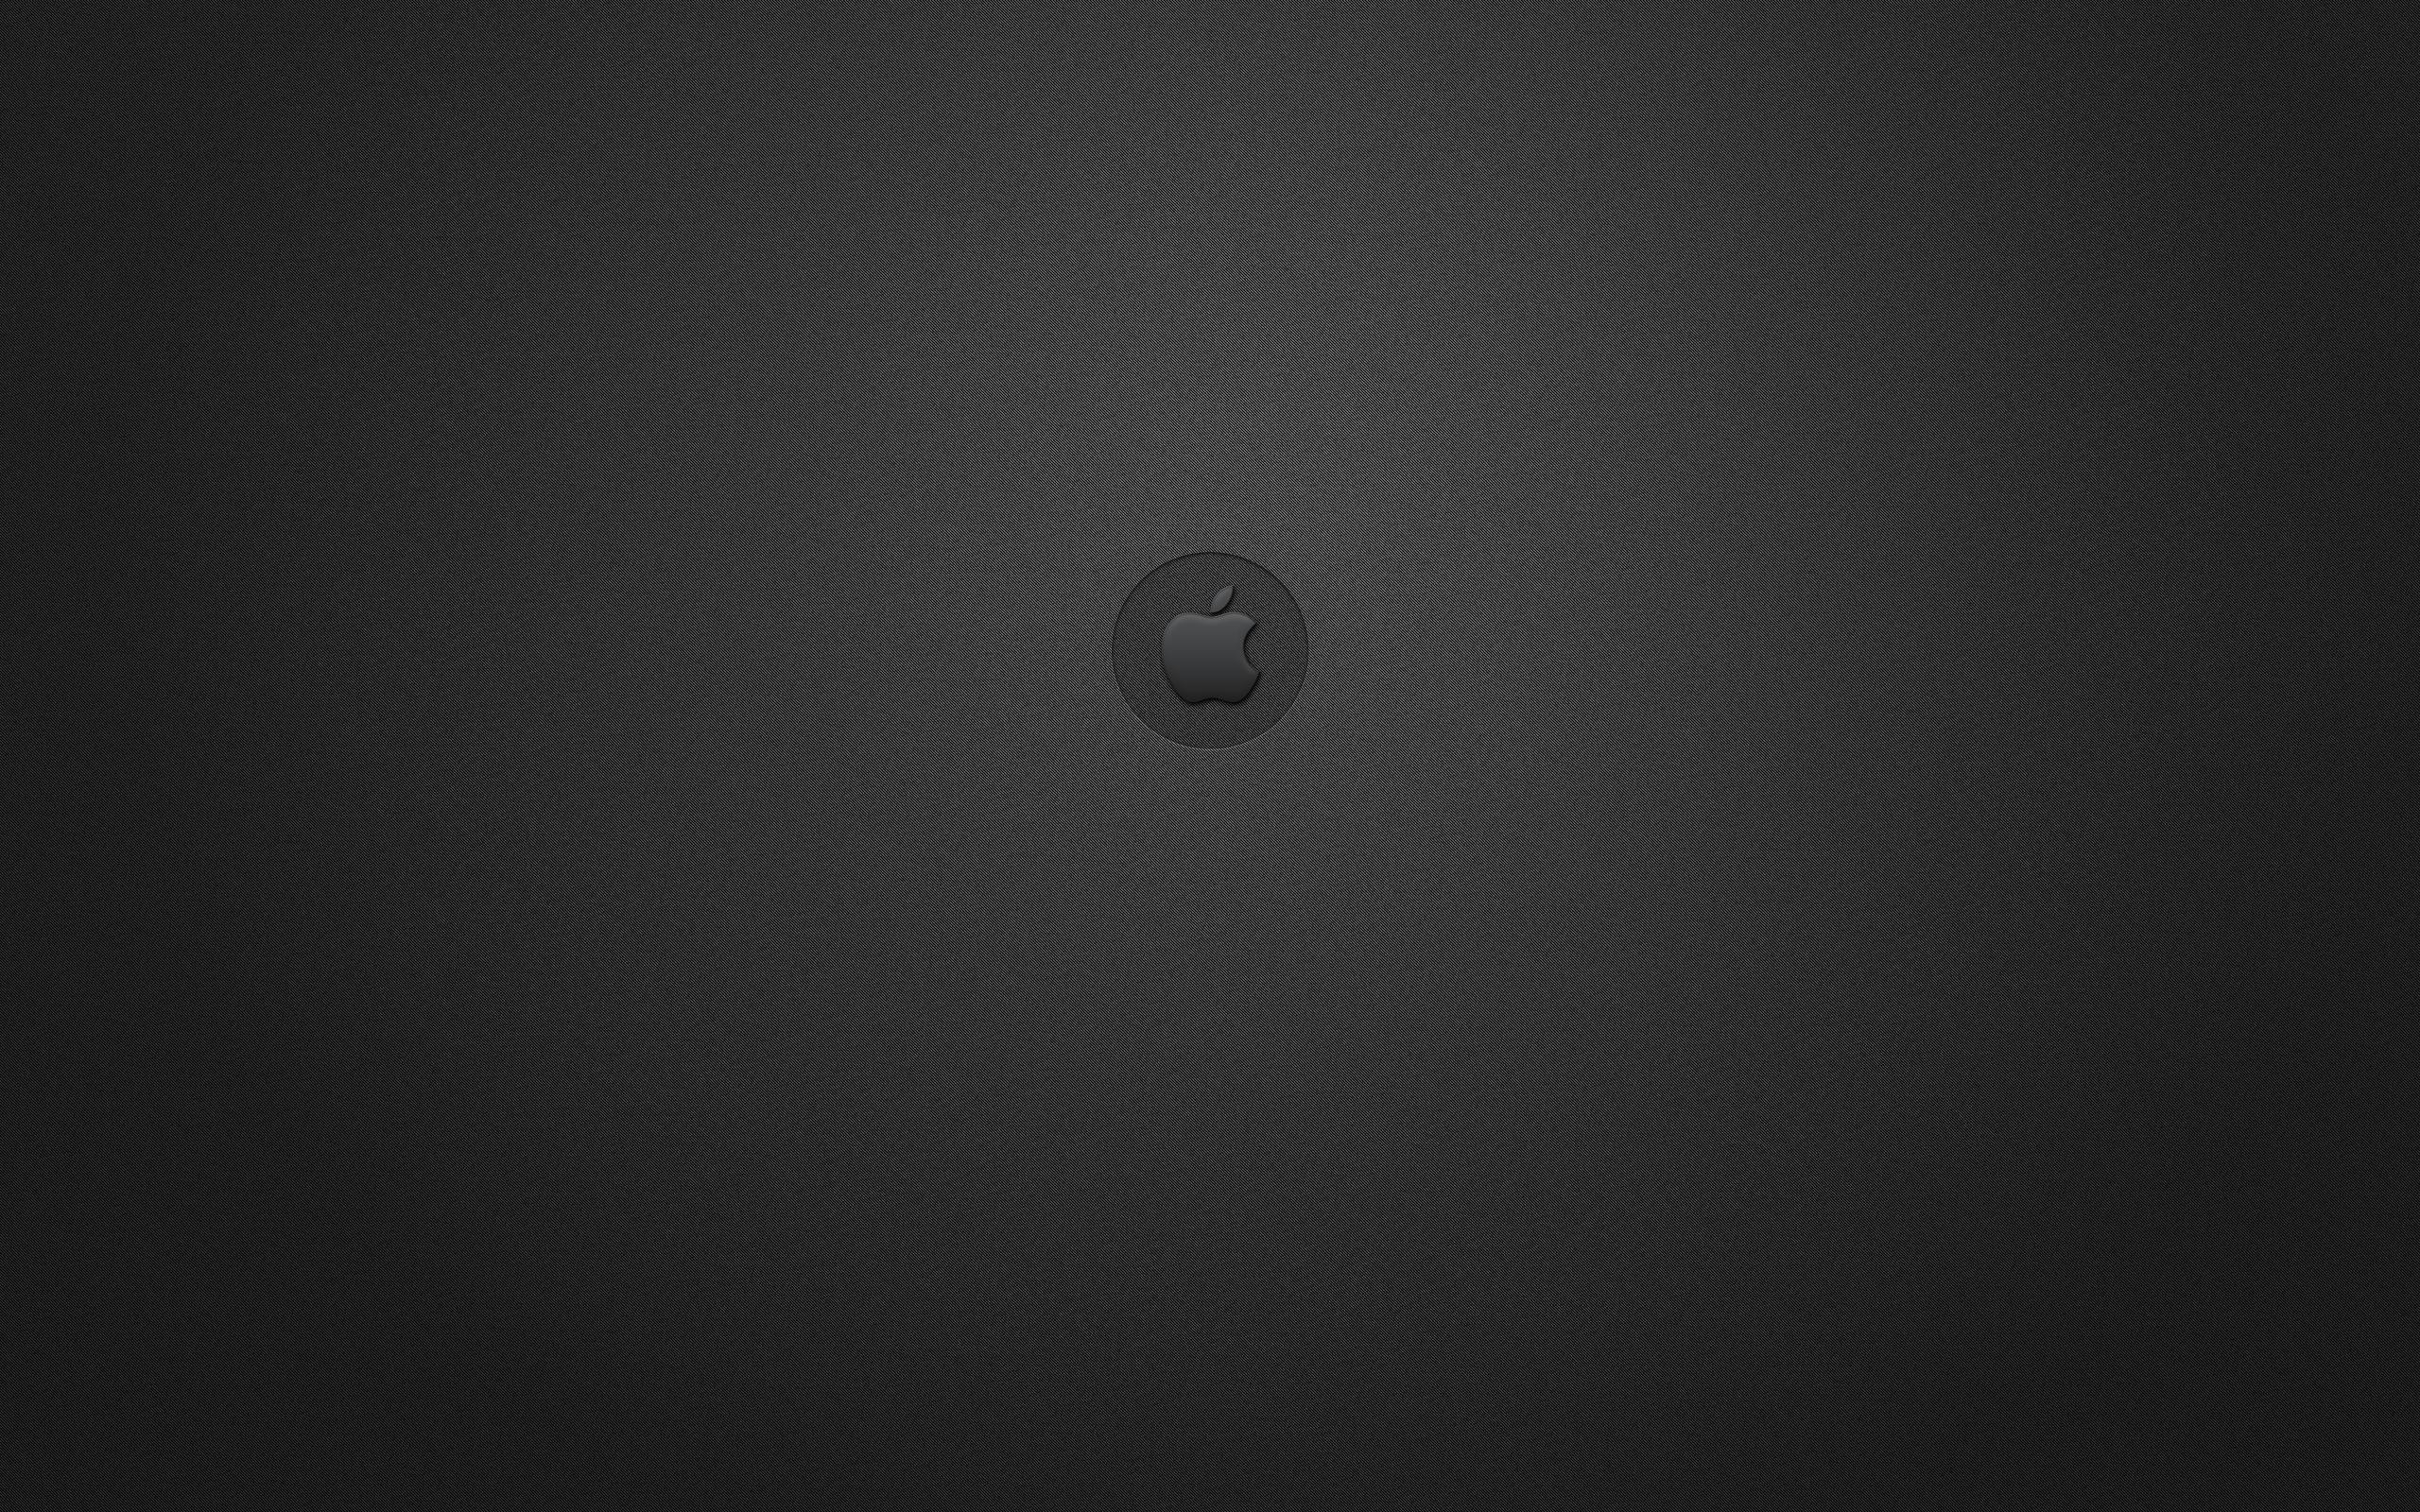 mac-fond-ecran-by-apple_13